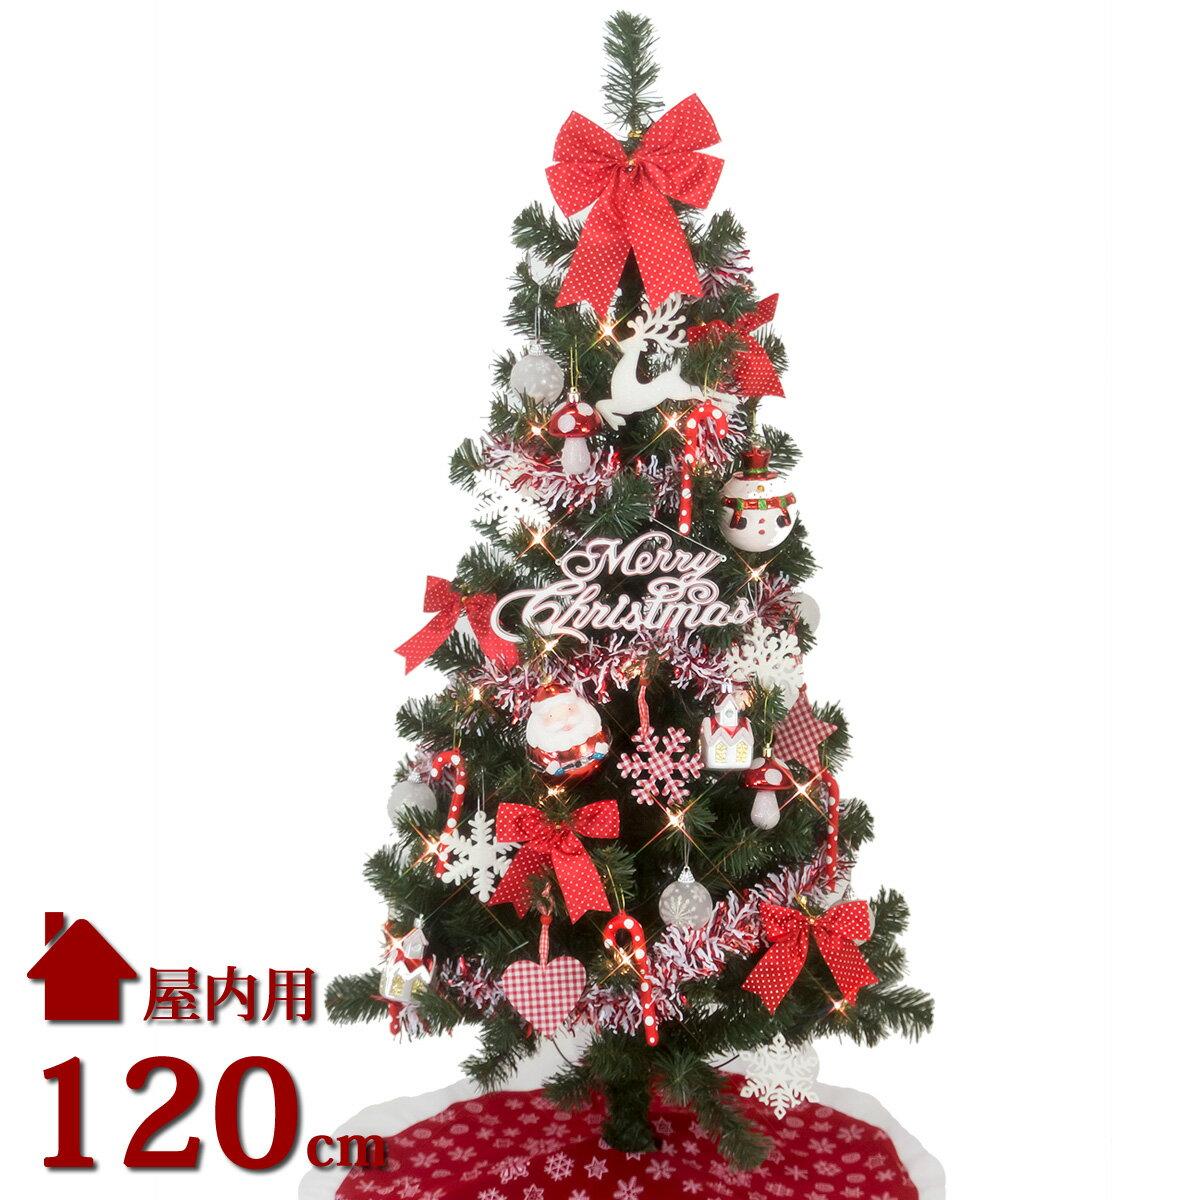 クリスマスツリーセット 120cm 北欧 ノルディック ツリーセット 【jbcxmas17】【RCP】